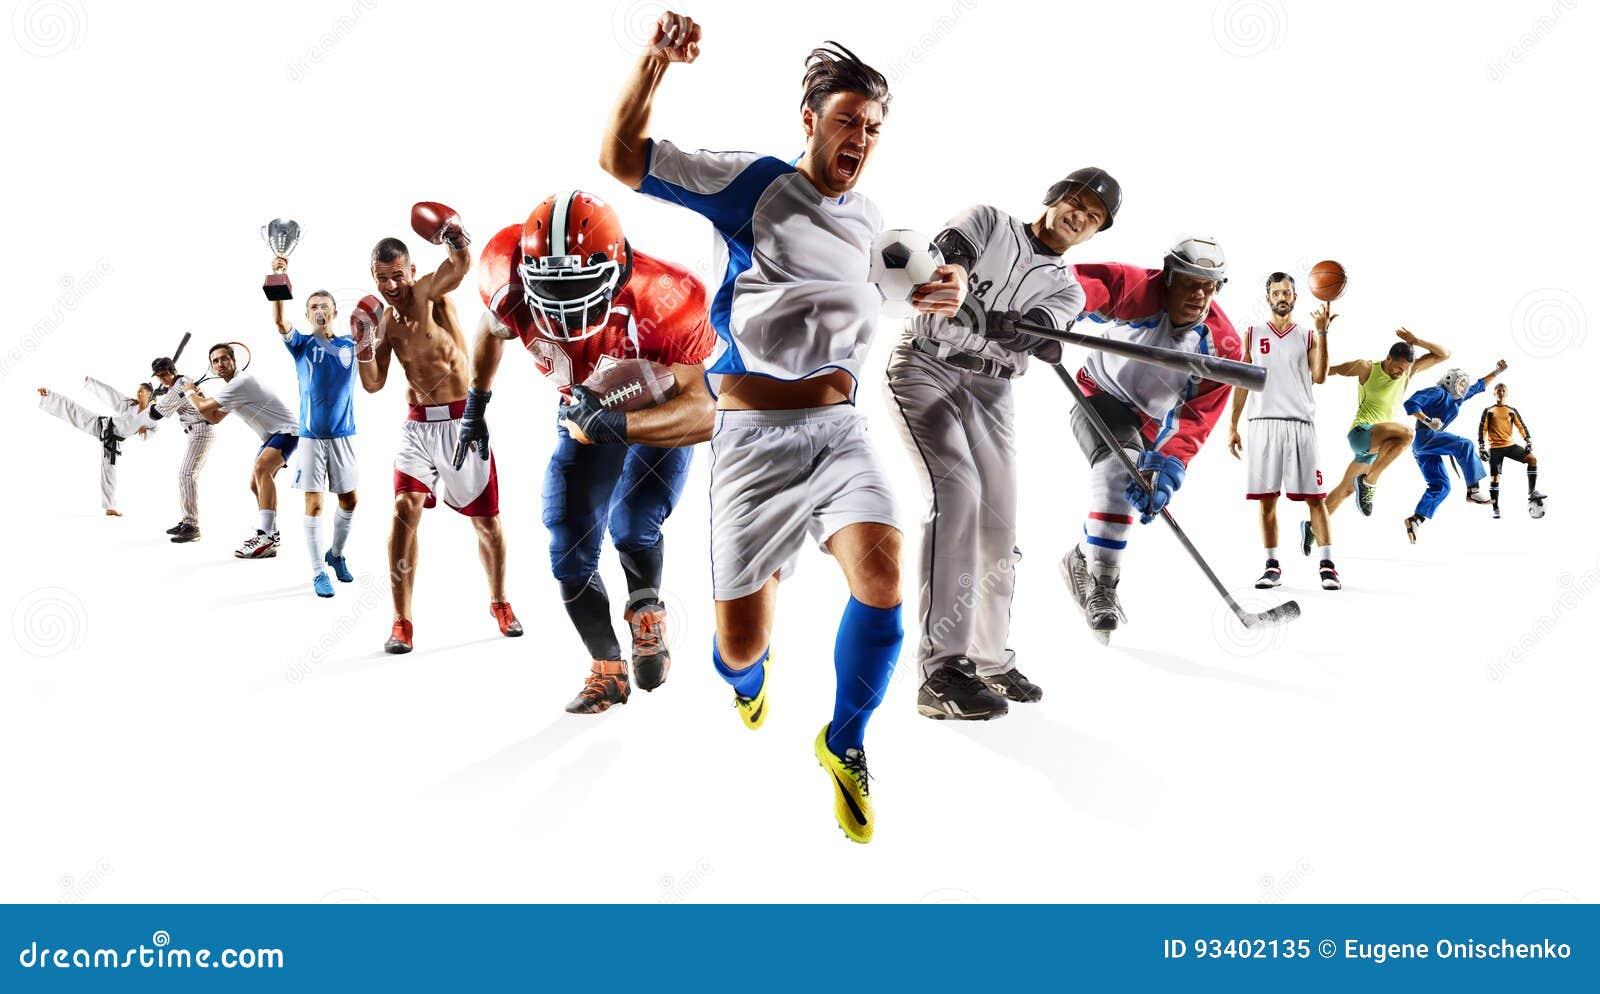 Enormer multi Sportcollagenfußballbasketballfußball-Hockeybaseball, der usw. einpackt